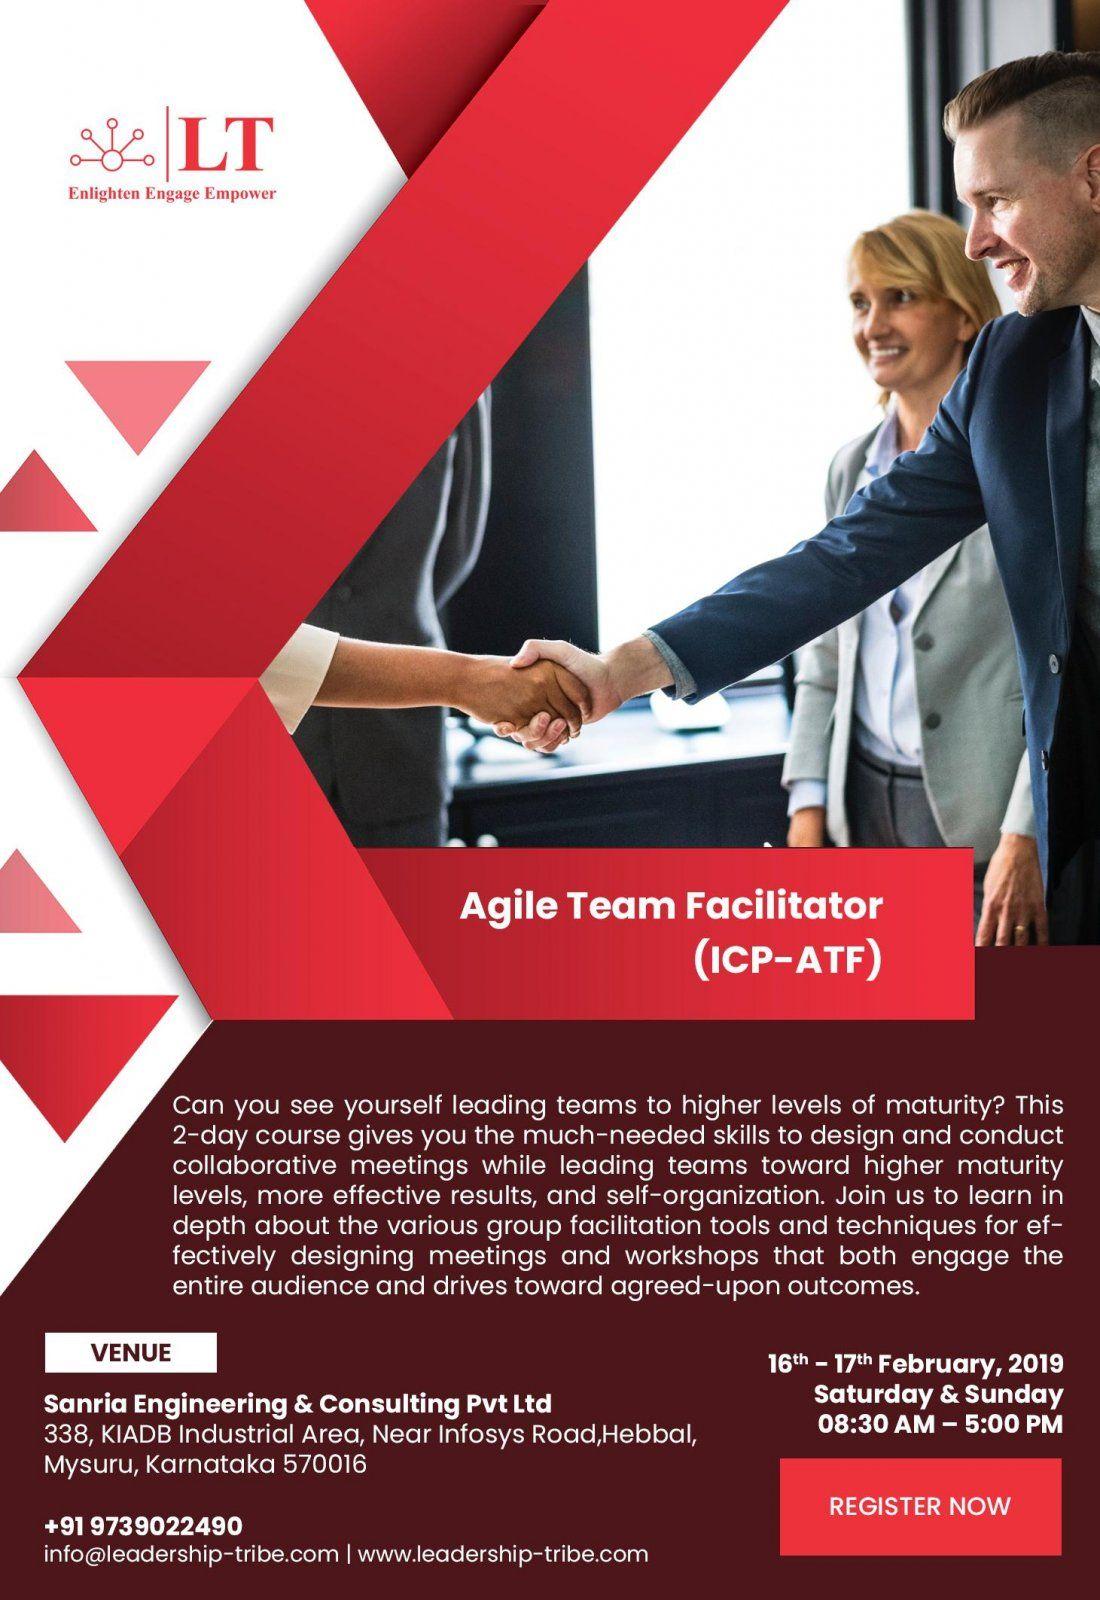 ICAgile Agile Team Facilitator course